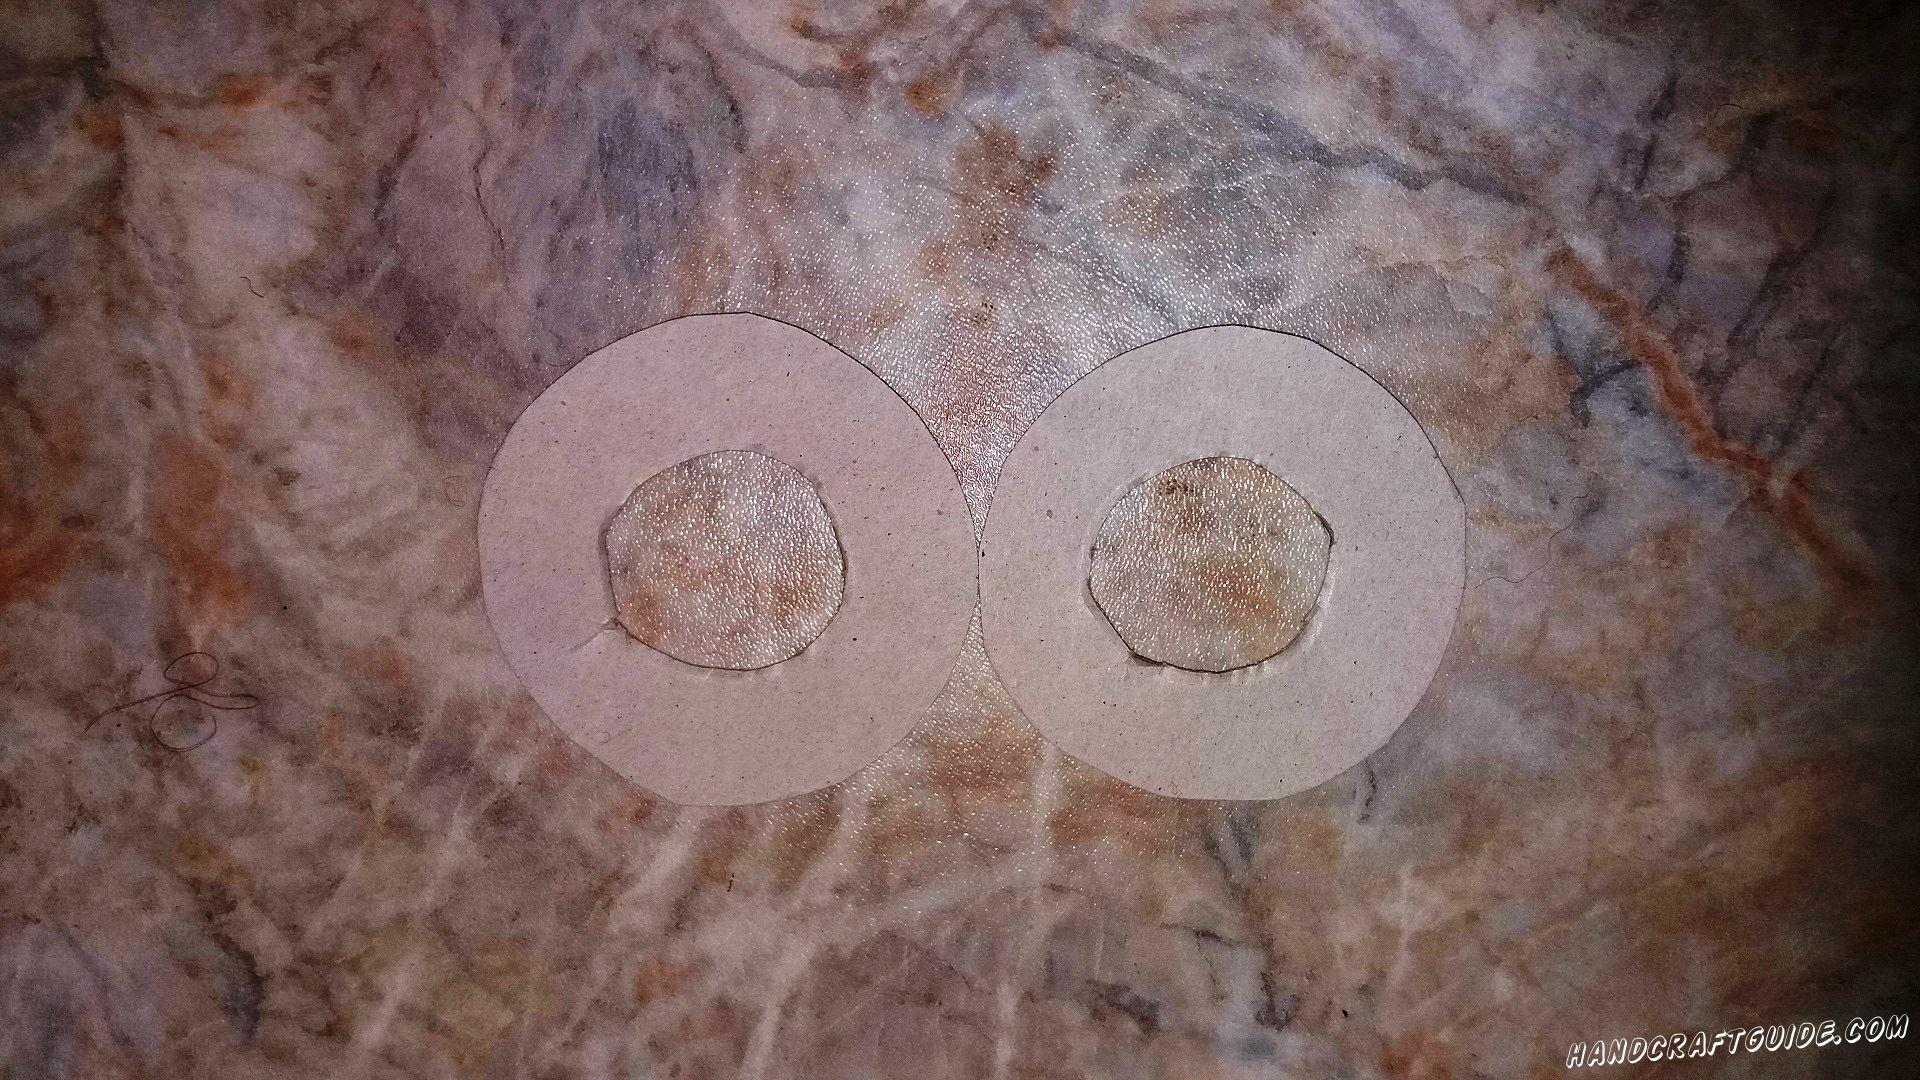 Вырезаем наши  круги и круги внутри. Получаются фигурки двух бубликов.